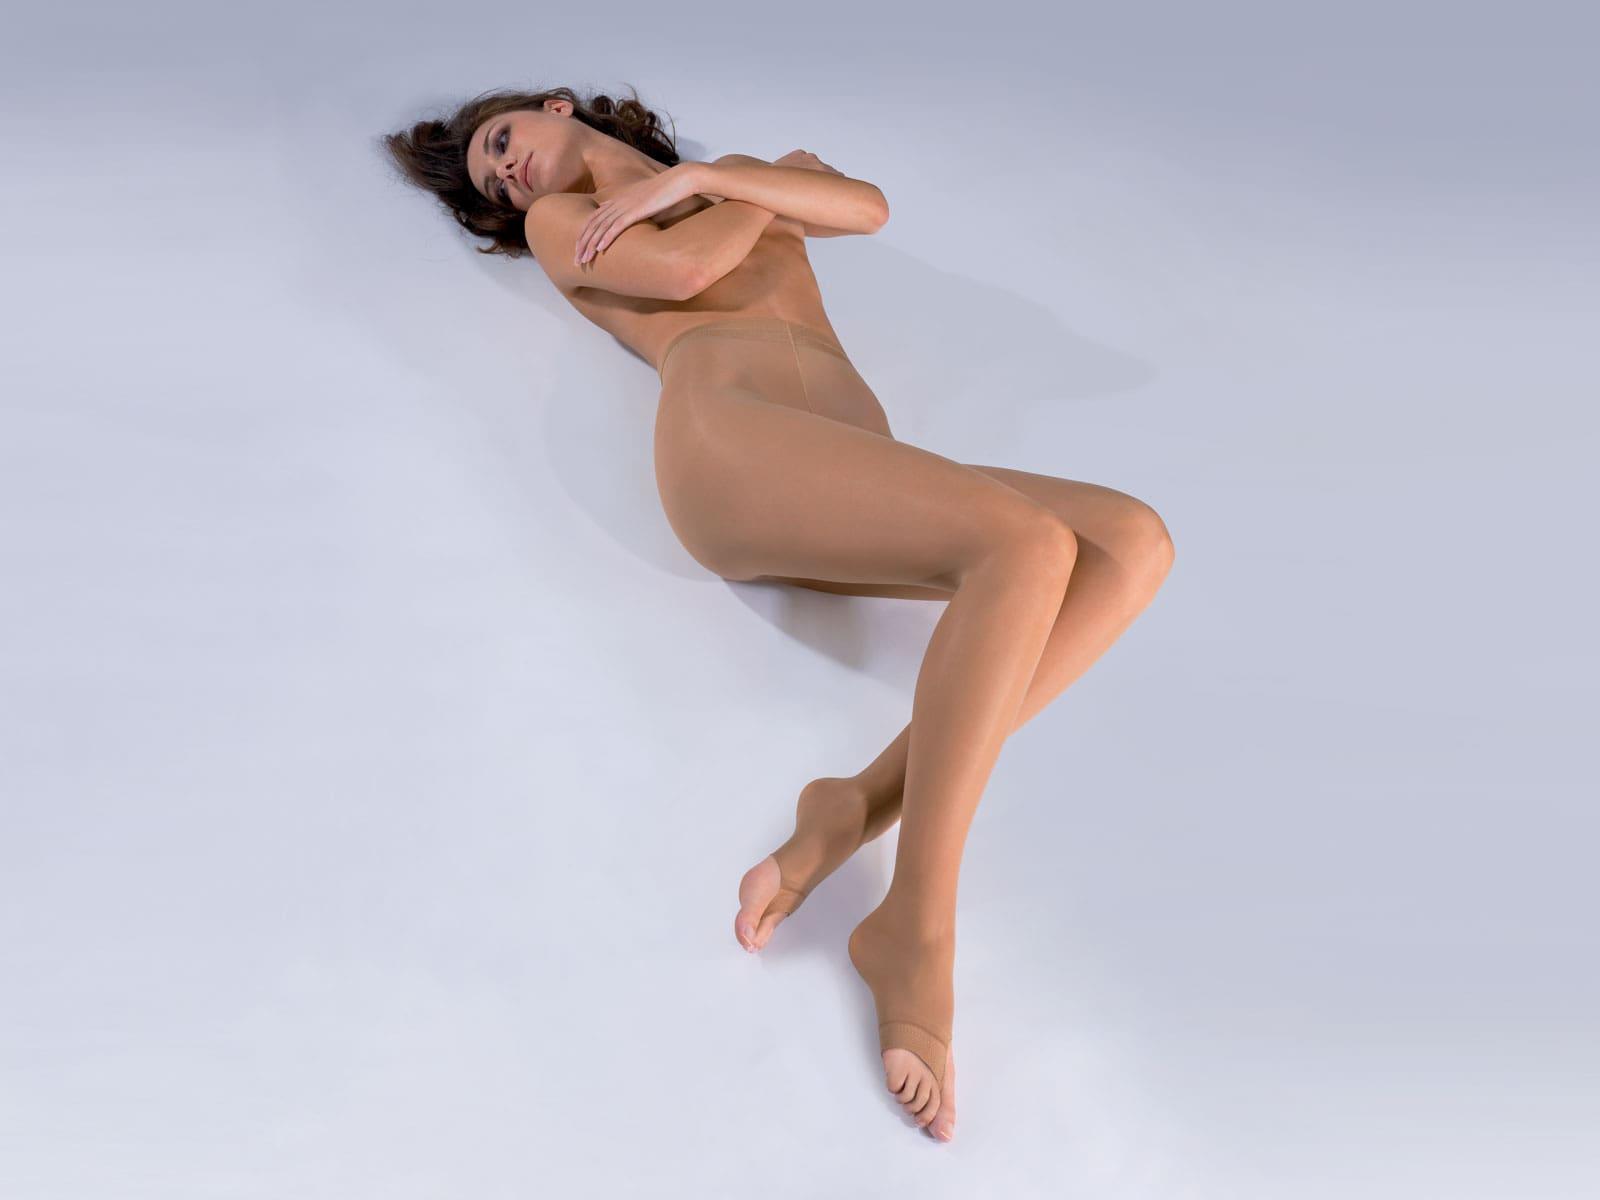 De elastische compressie, ideale preventie, doeltreffende therapie